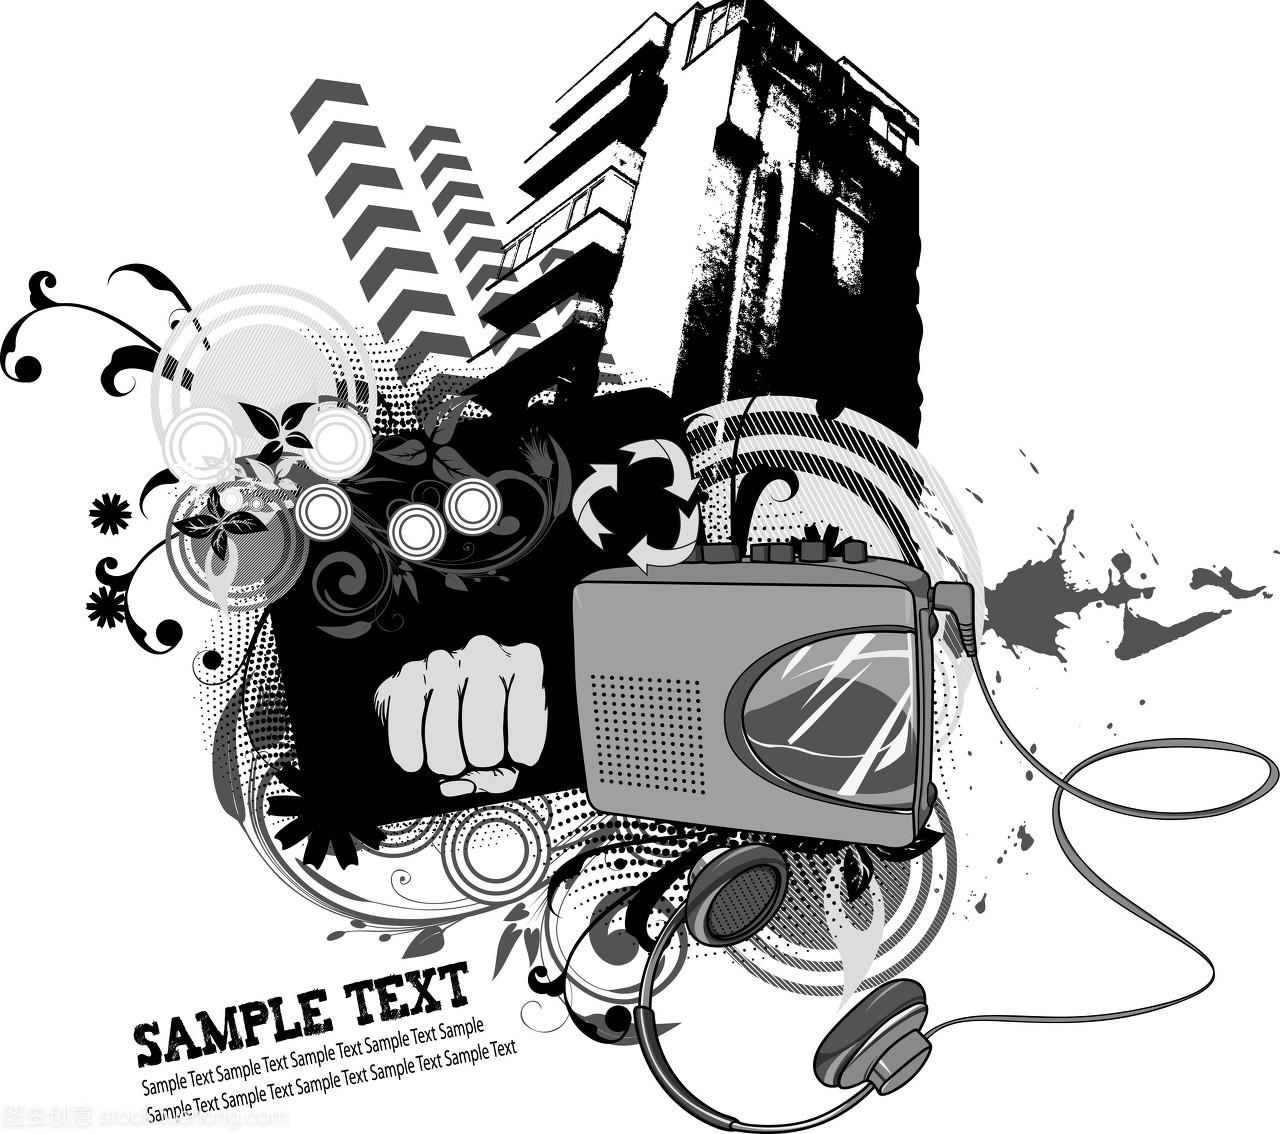 量,功率,参赛者,噪音,嗓音,电流,a功率声,向量,叶子高频噪声大图纸充电器图片